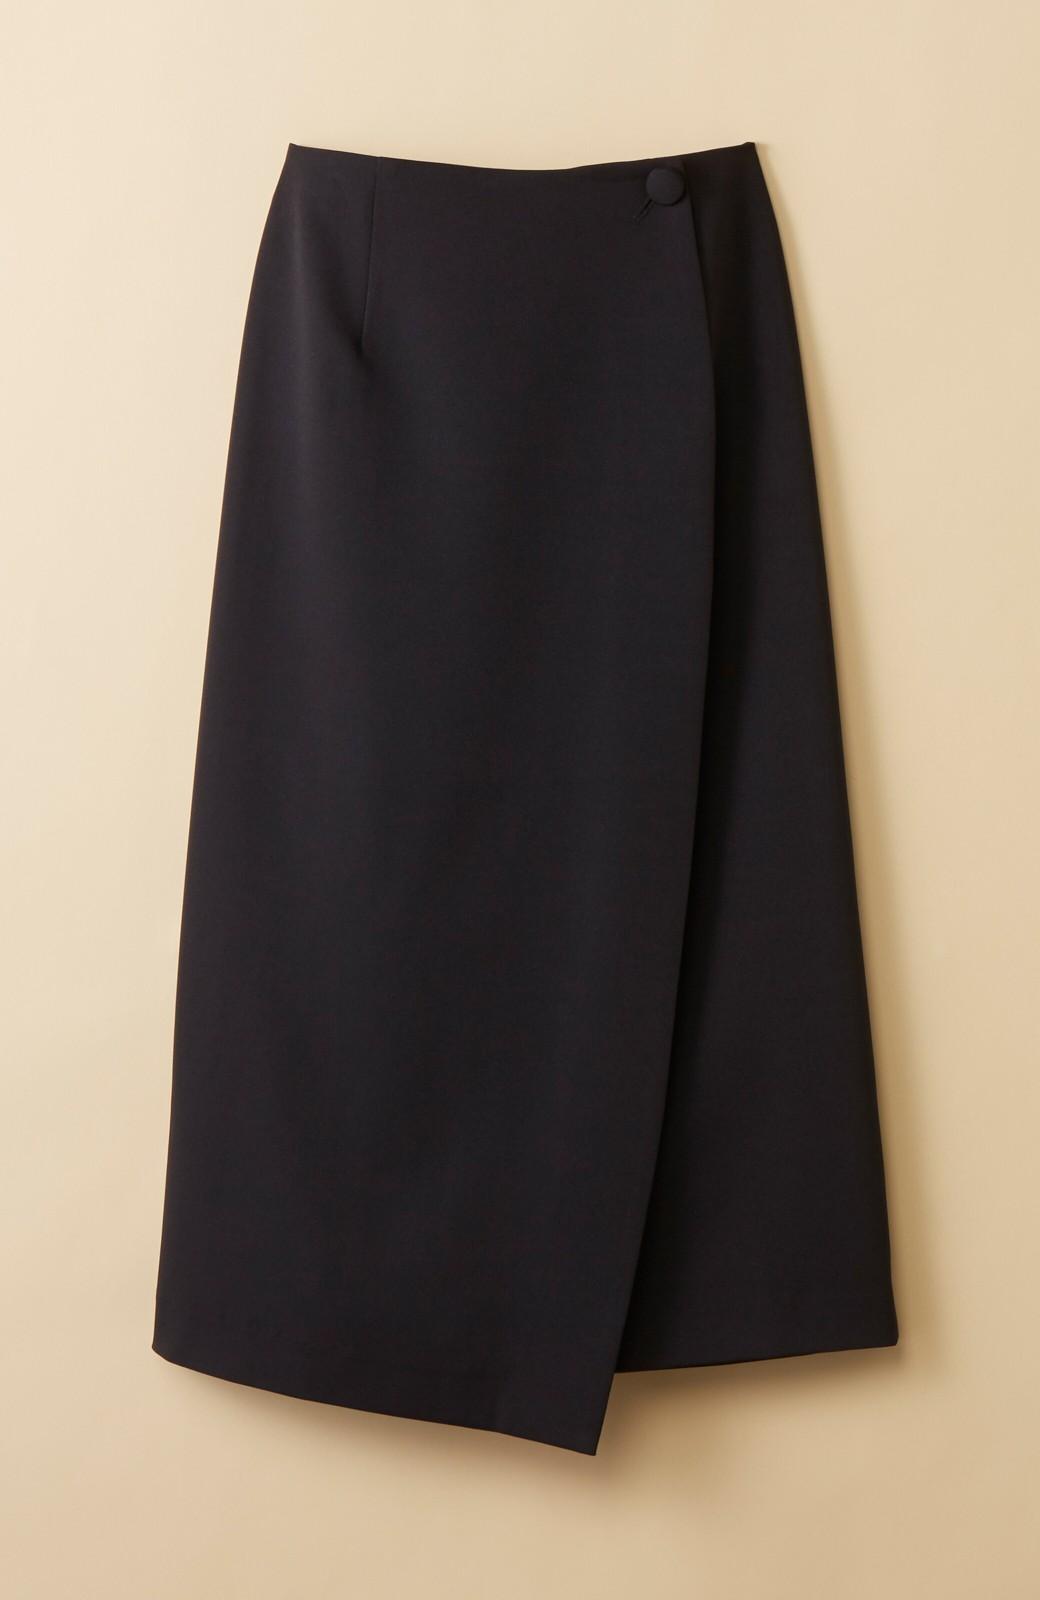 haco! いざというとき困らないための きちんと見えするラップスカート by que made me <ブラック>の商品写真17